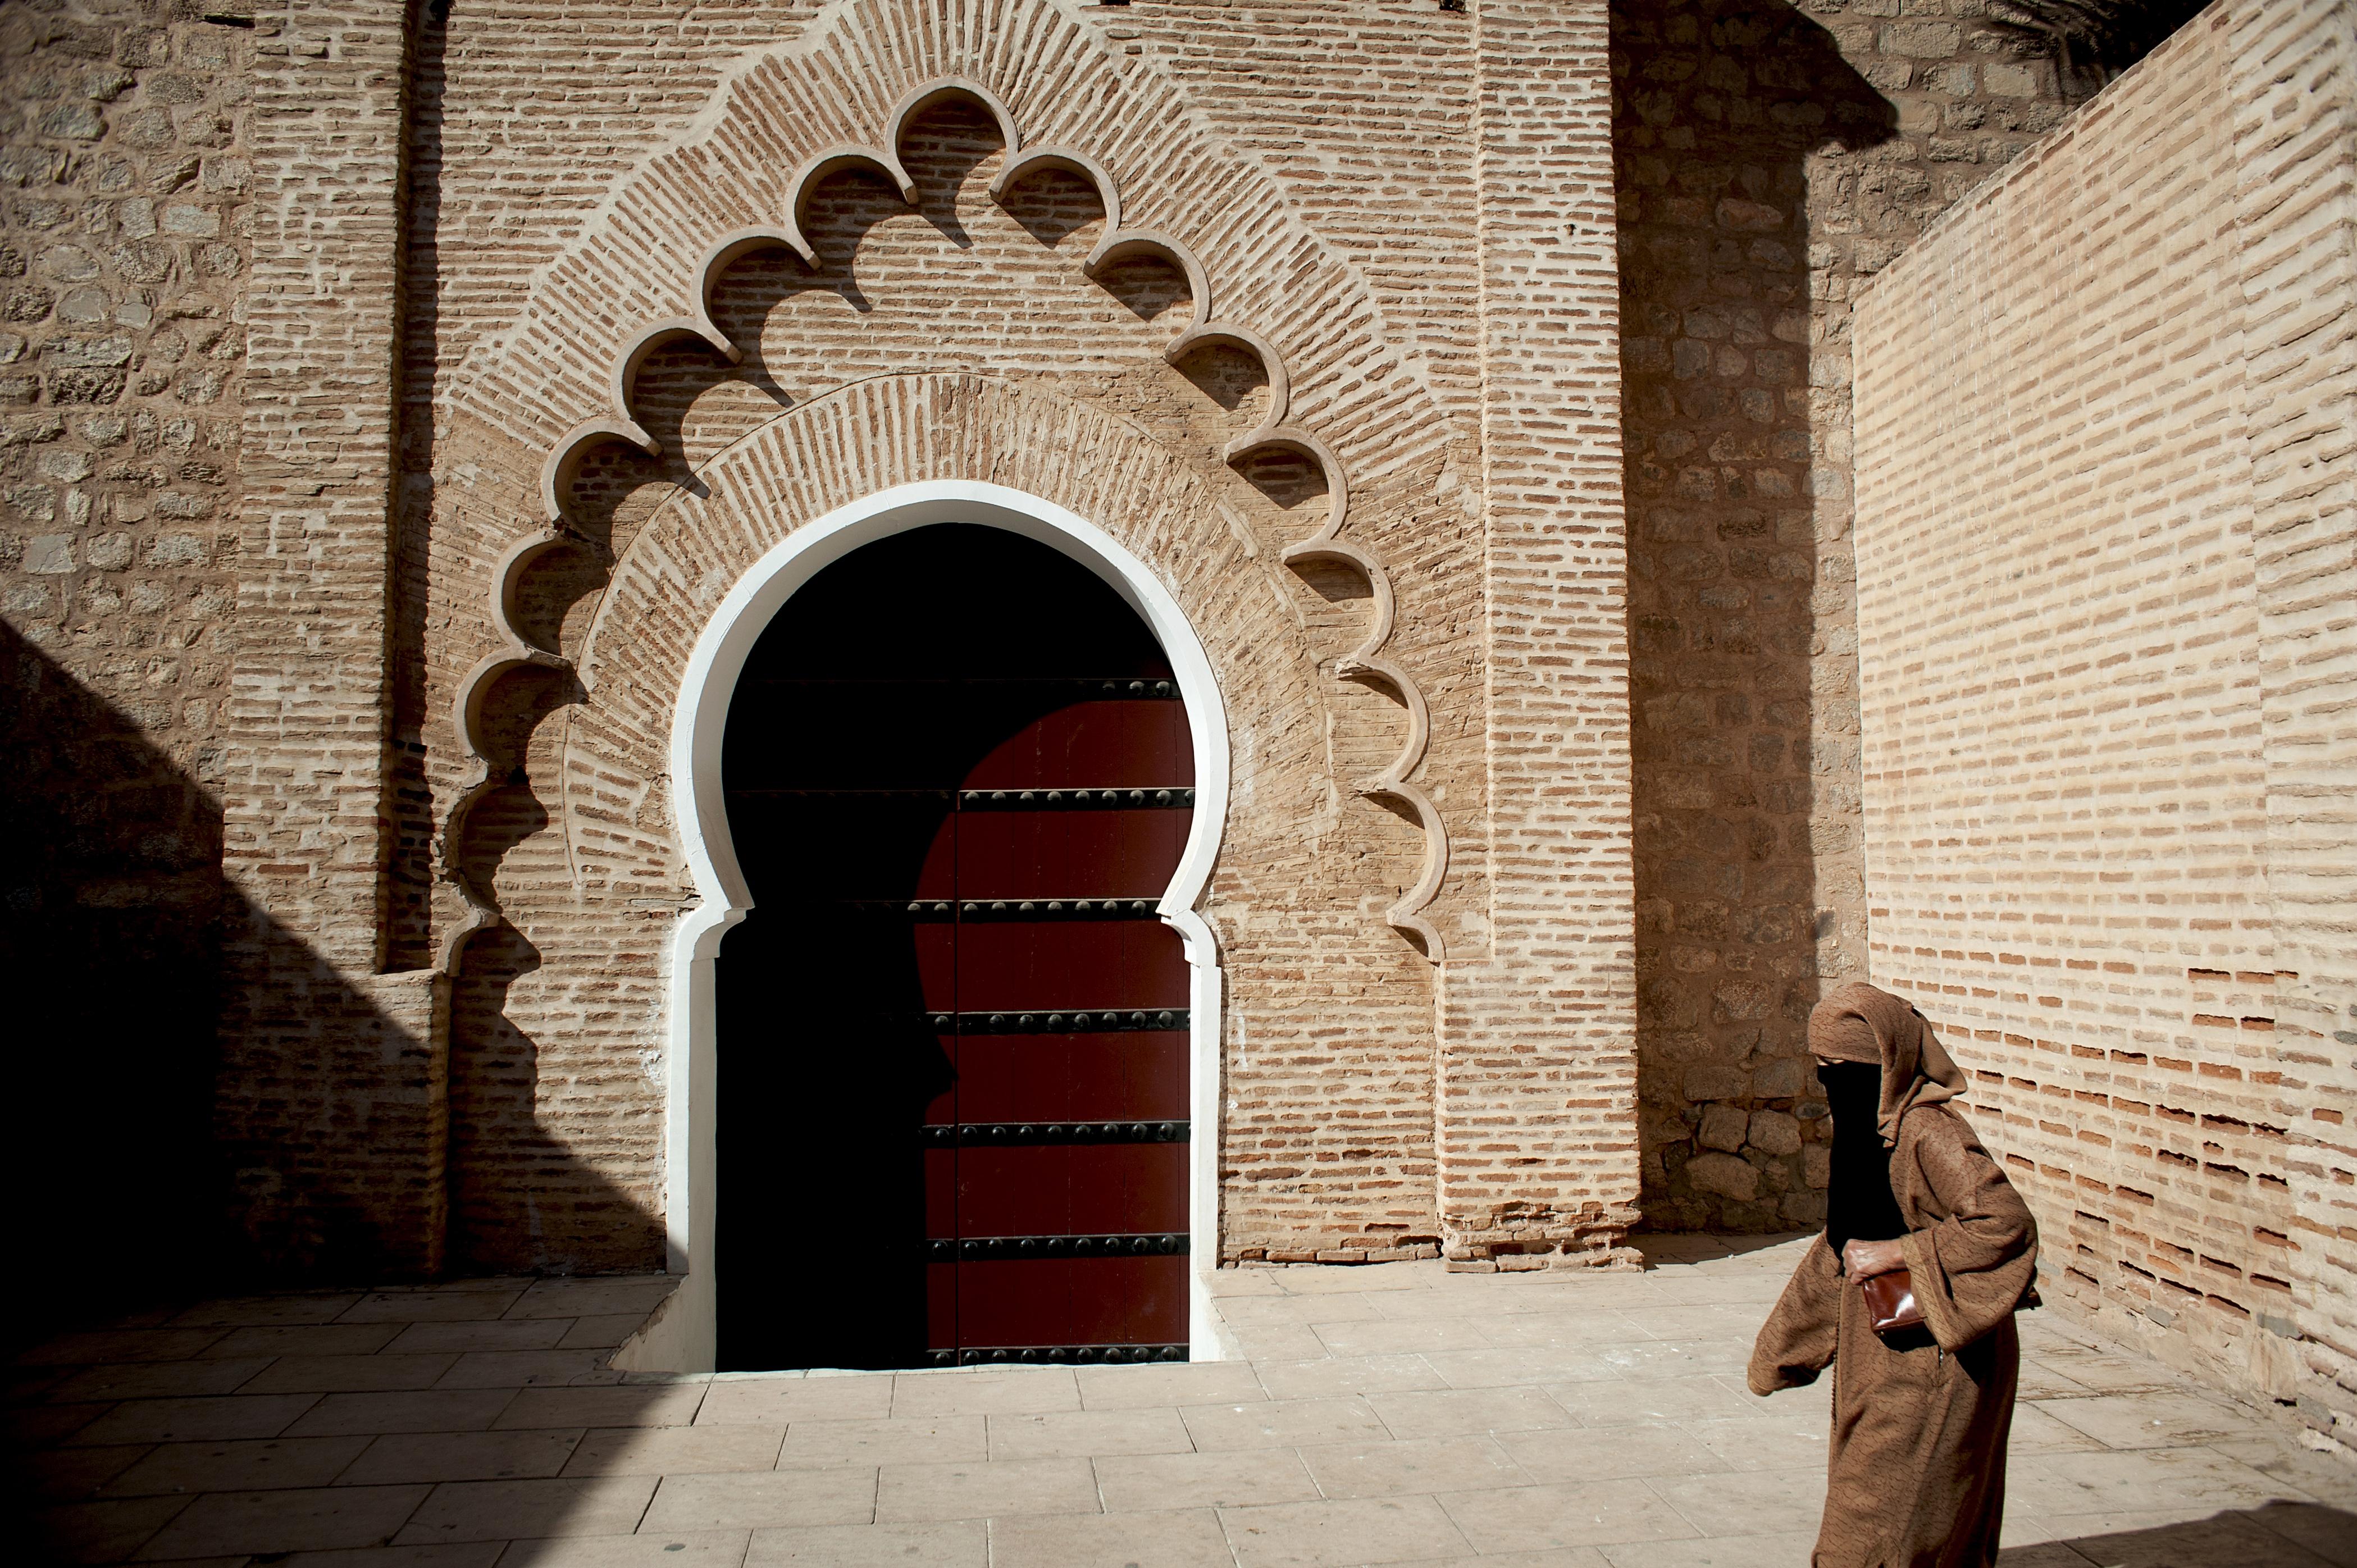 Woman in brown niqab